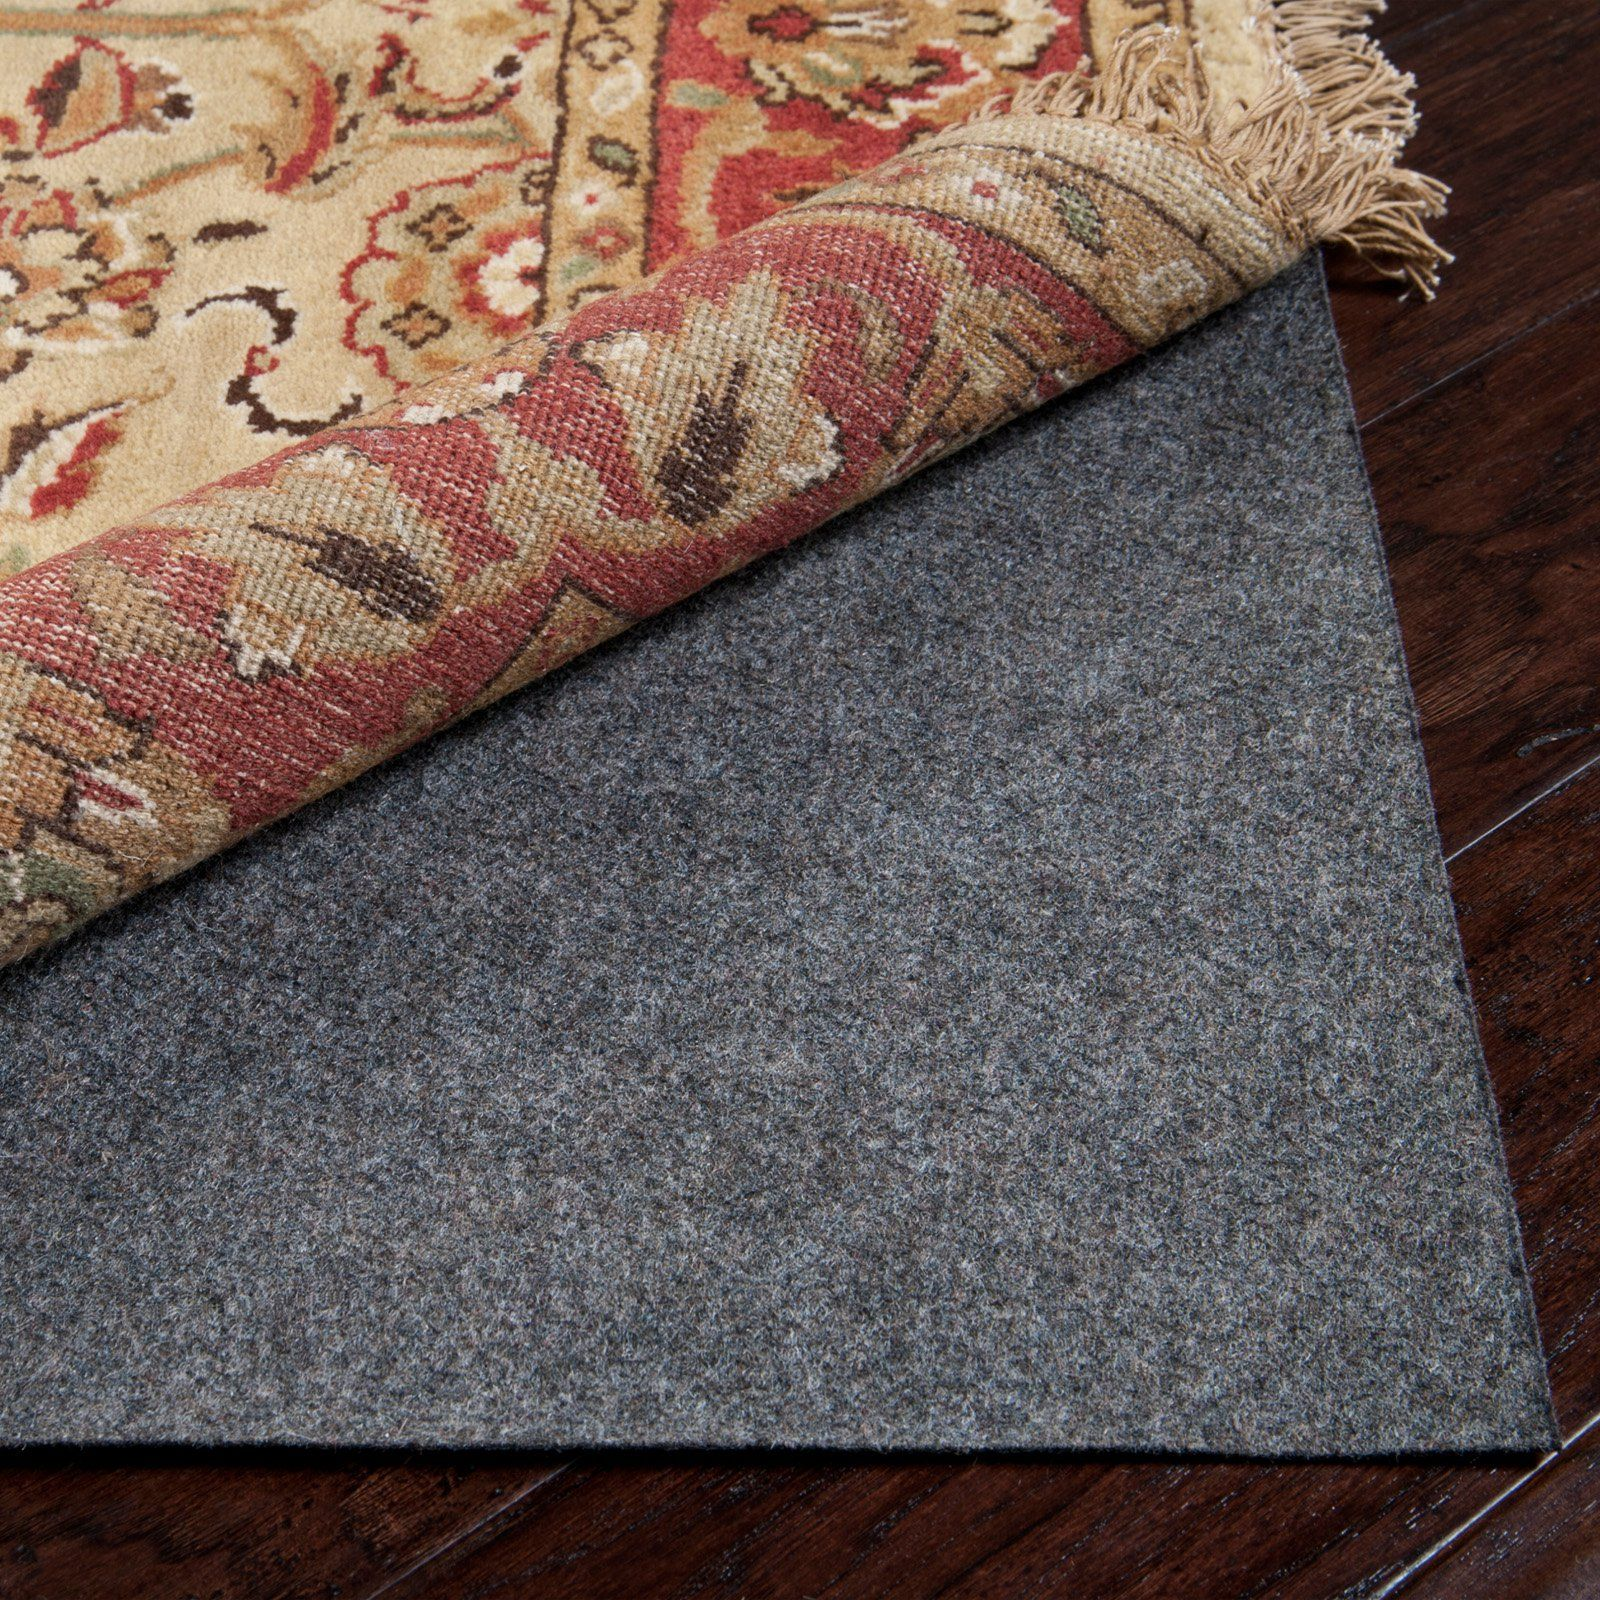 Standard Felted Wool Reversible Rug Pad